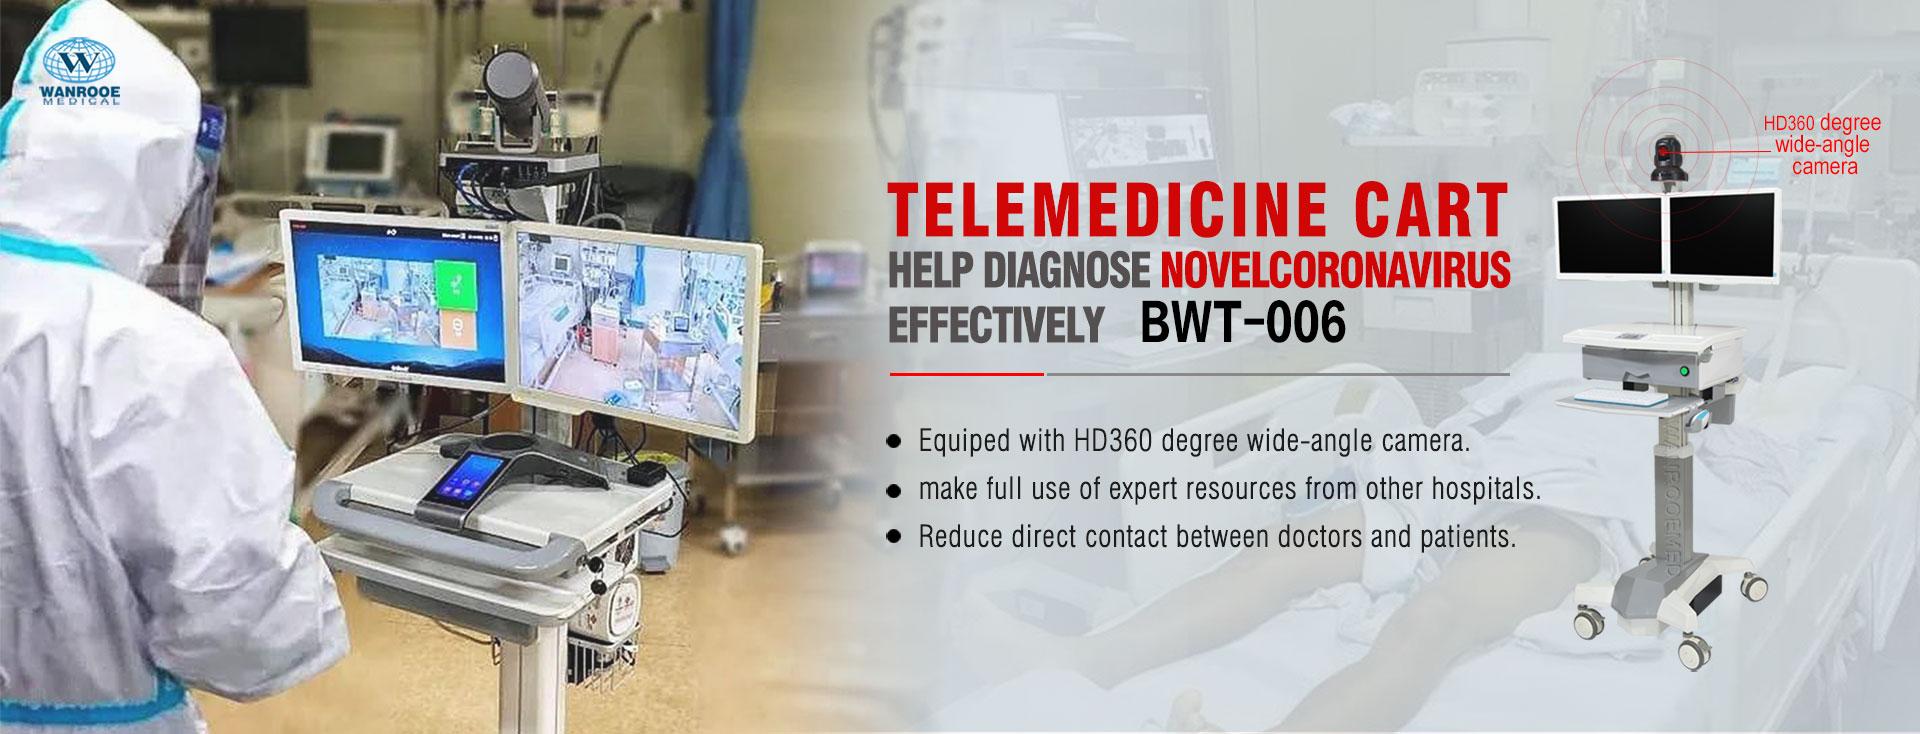 Telemedicine Cart, Telemedicine Trolley, Medical Computer Cart, Medical Laptop Cart, Medical Computer Trolley